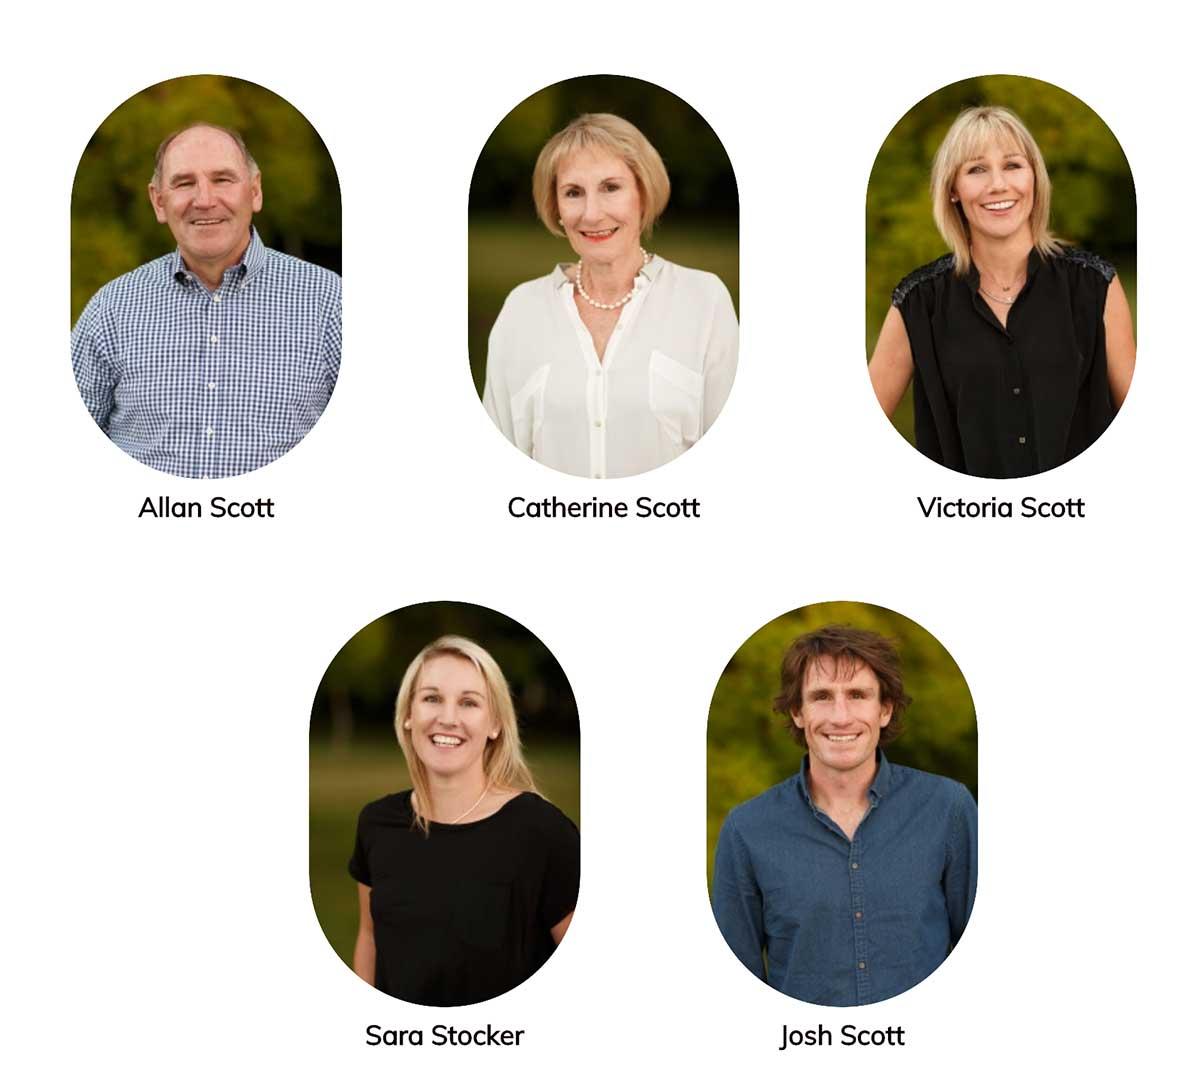 Các thành viên của gia đình Allan Scott